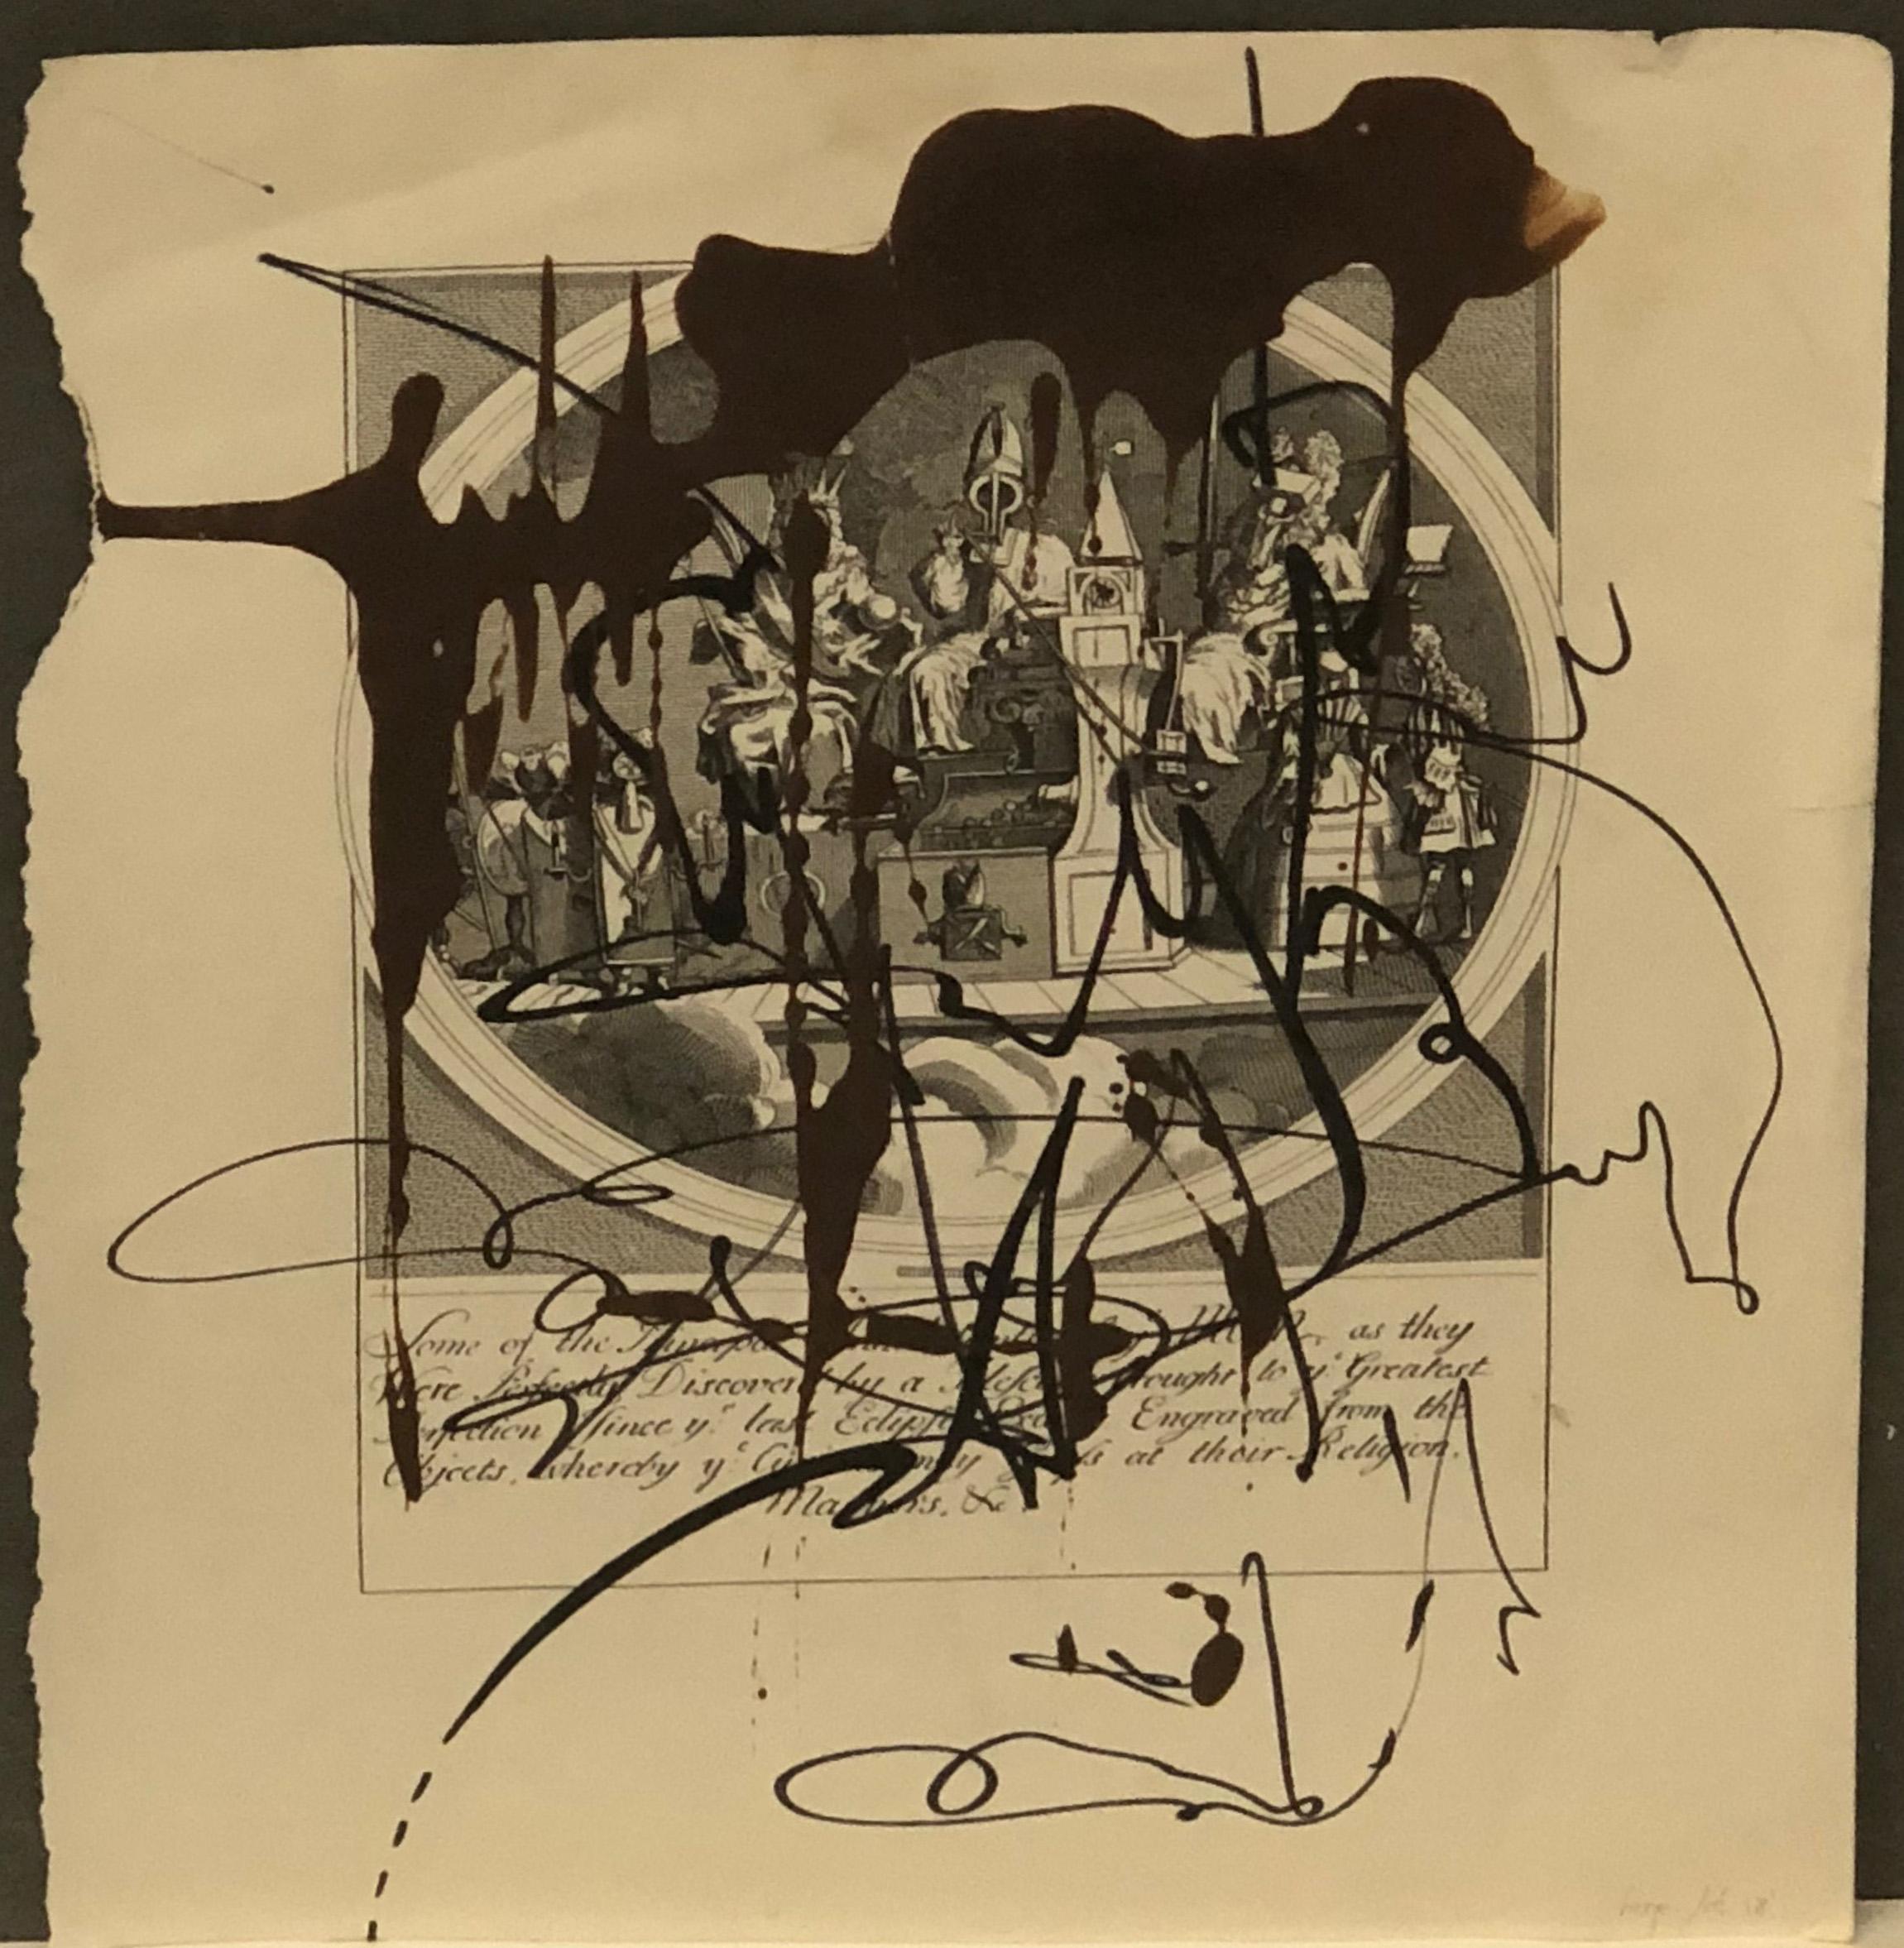 Irene Iré. Hogarth y el abstraccionismo se conocieron en una marisquería